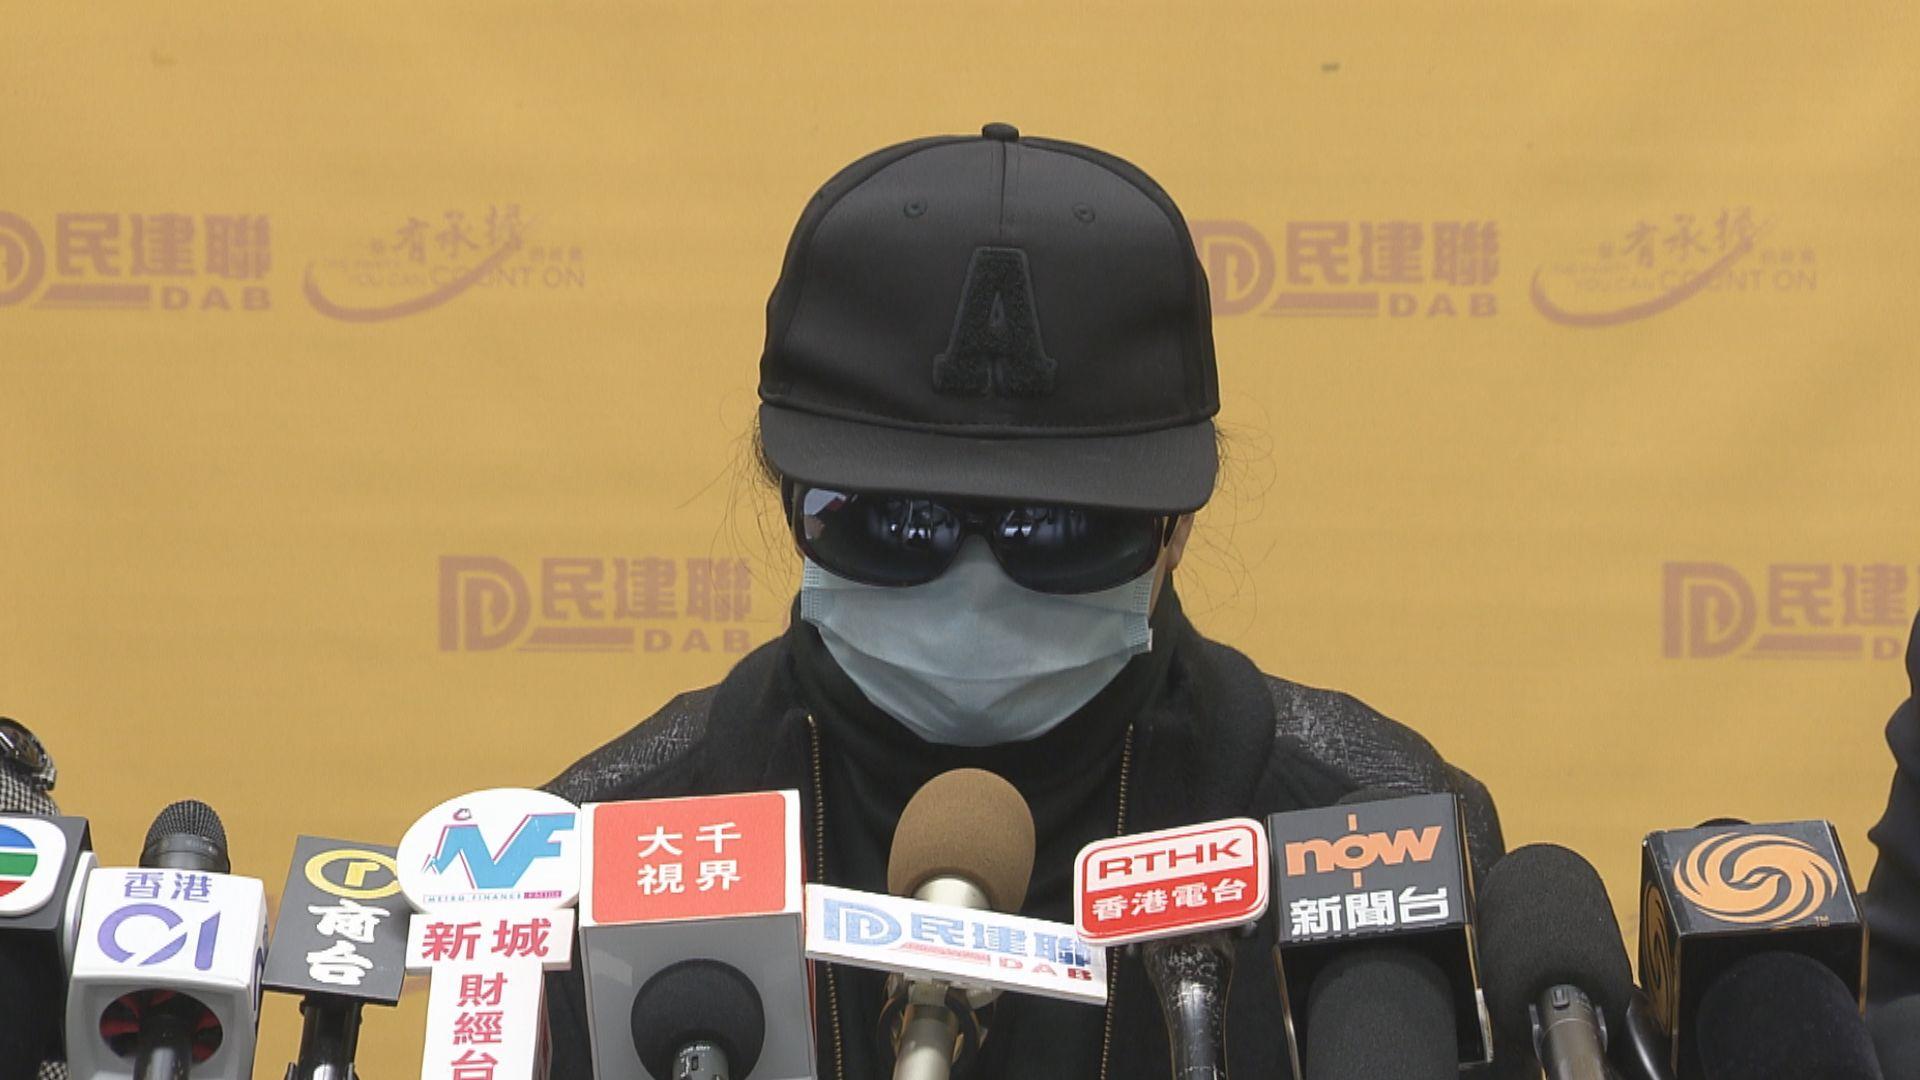 潘曉穎父母去信陸委會 冀當局簡化陳同佳赴台投案程序